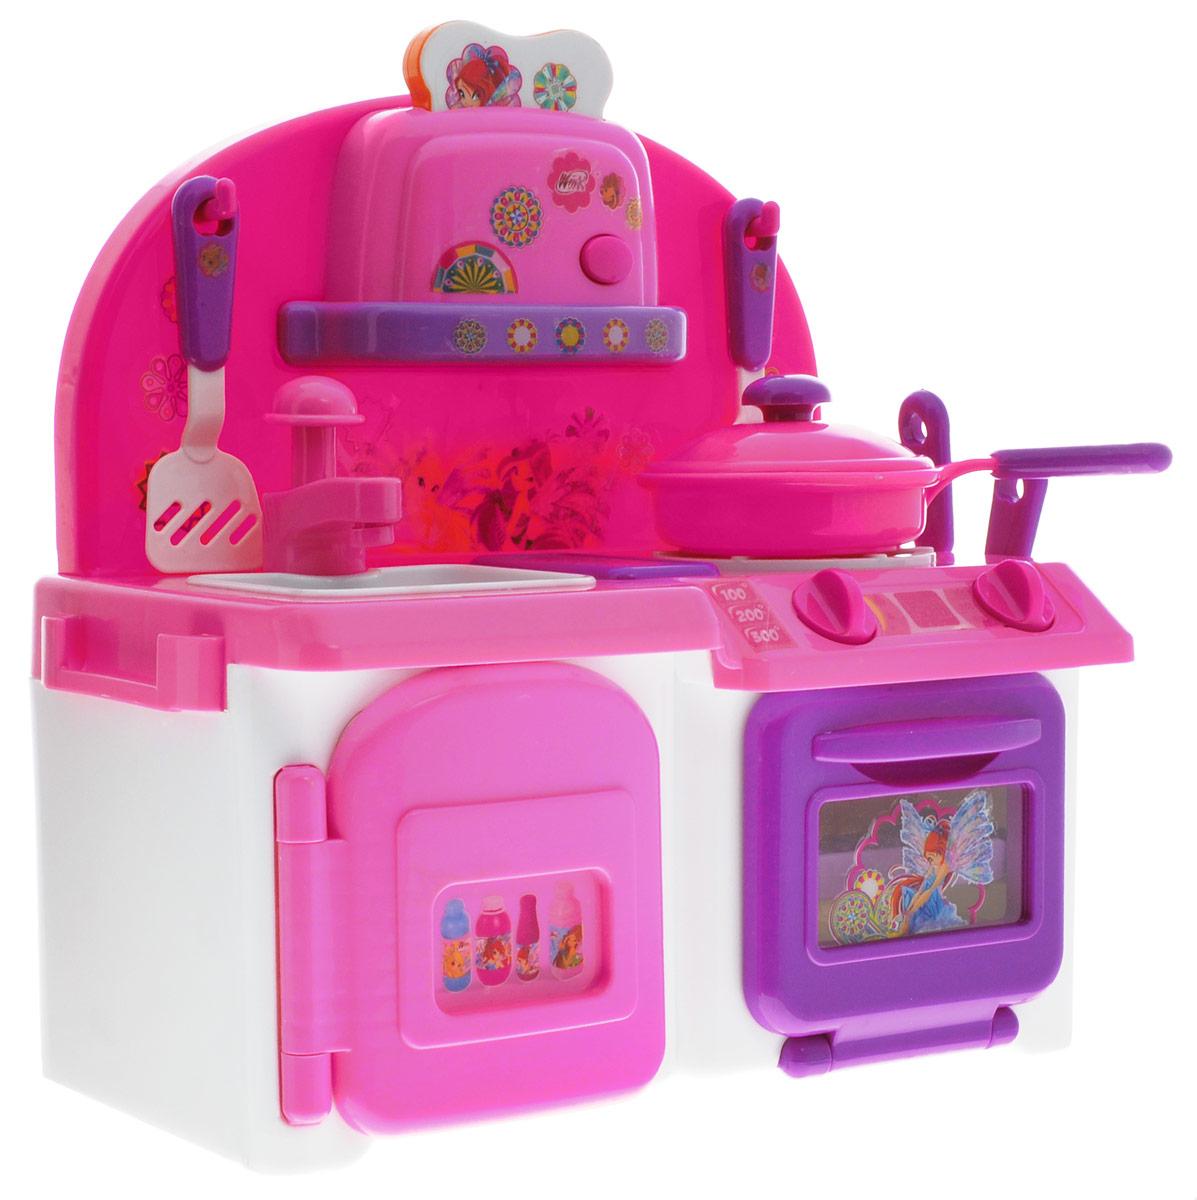 Играем вместе Кухня Winx с водойFXG1010-RНа миниатюрной кухне Играем вместе Winx девочка может готовить сама, или предоставить это дело своим любимым куклам. Набор включает плиту, мойку, морозилку, полку с тостером и различные аксессуары, вроде посуды и муляжей продуктов. Все дверцы открываются, а ручки поворачиваются. Если включить плиту, то на конфорке загорится свет, как от высокой температуры. В духовку можно положить жаркое. А из мойки течет настоящая вода. Работает и тостер. Кусочек пластикового хлеба входит внутрь и готовится, а чтобы вытащить его, нужно нажать на тостере кнопку. Кухня окрашена в ярко-розовые тона и разрисована в стиле любимых героинь девочек из мультфильма про фей Winx. Для работы игрушки необходимы 4 батарейки типа АА (не входят в комплект).